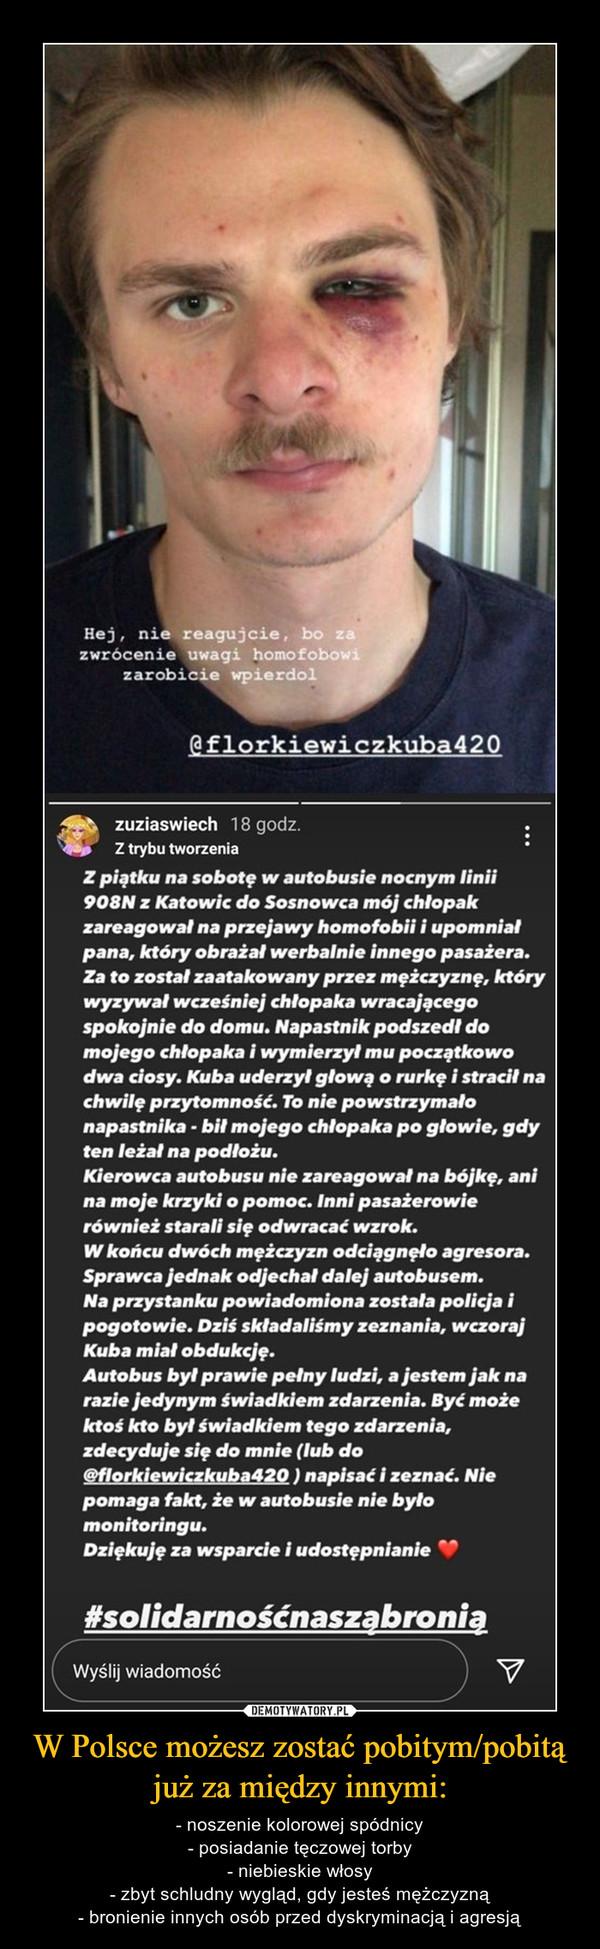 W Polsce możesz zostać pobitym/pobitą już za między innymi: – - noszenie kolorowej spódnicy- posiadanie tęczowej torby- niebieskie włosy- zbyt schludny wygląd, gdy jesteś mężczyzną- bronienie innych osób przed dyskryminacją i agresją